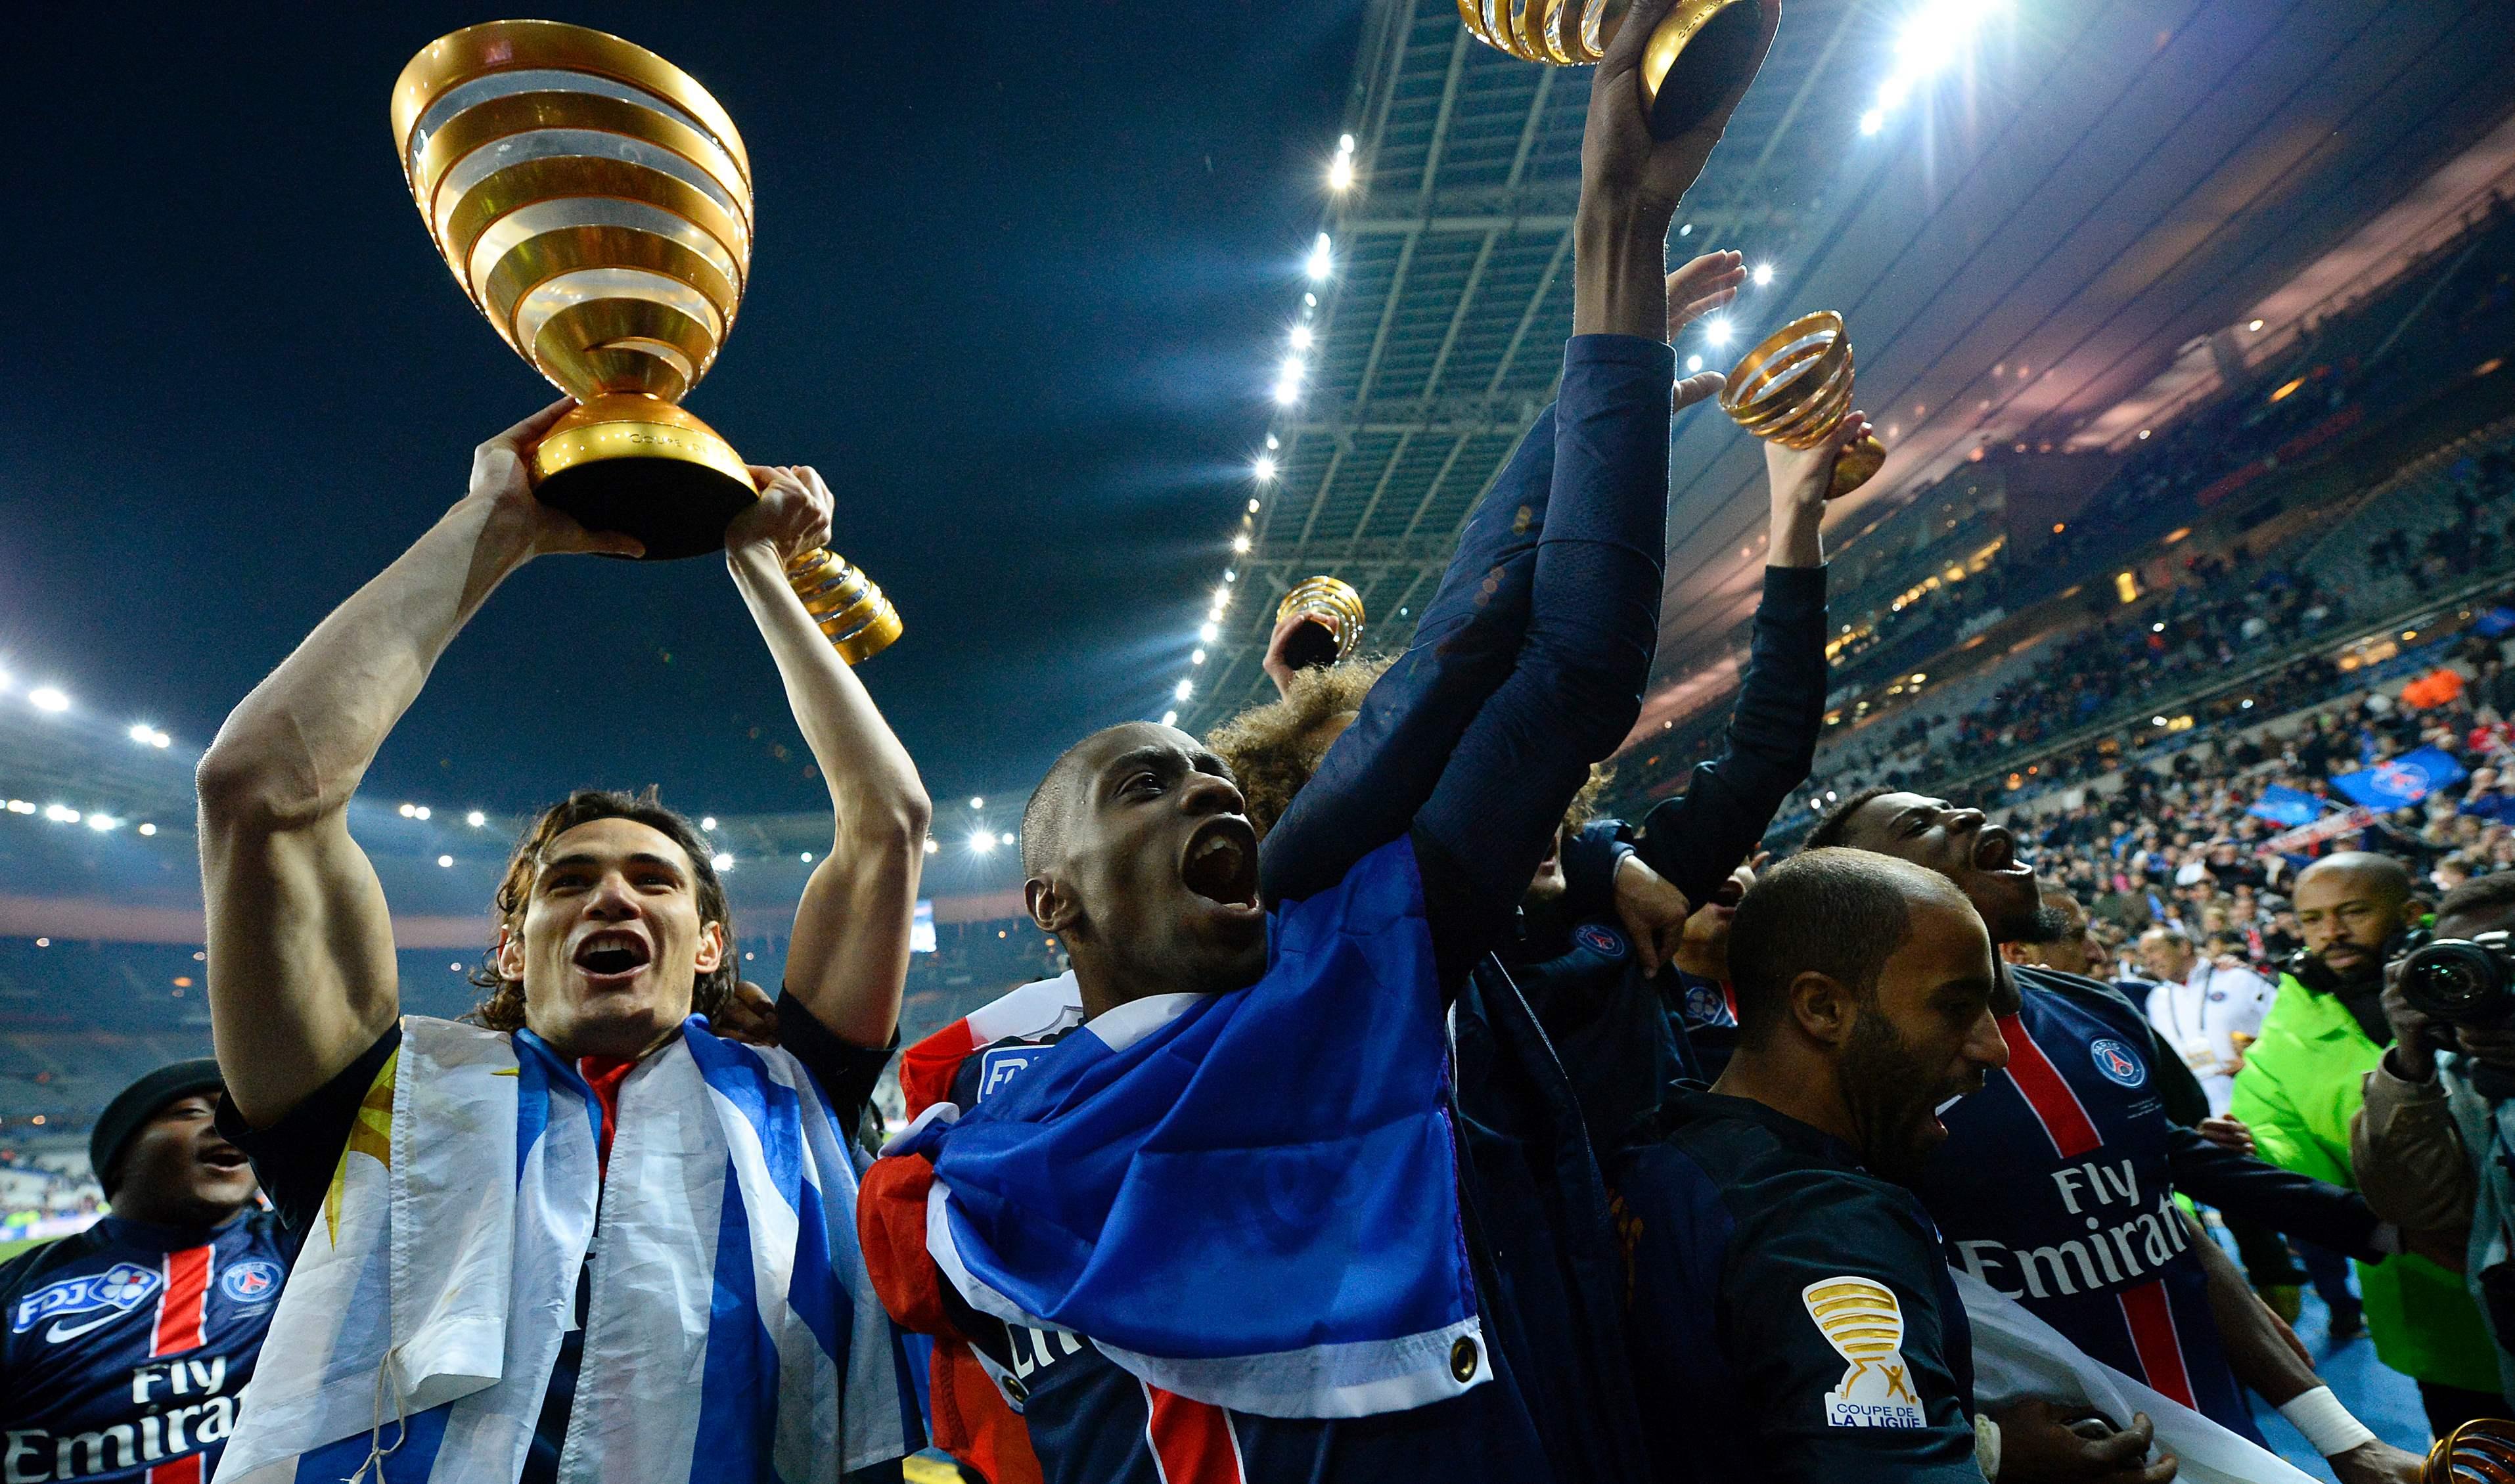 Le paris sg se console avec la coupe de la ligue coupe - Resultats coupe de la ligue 1 football ...